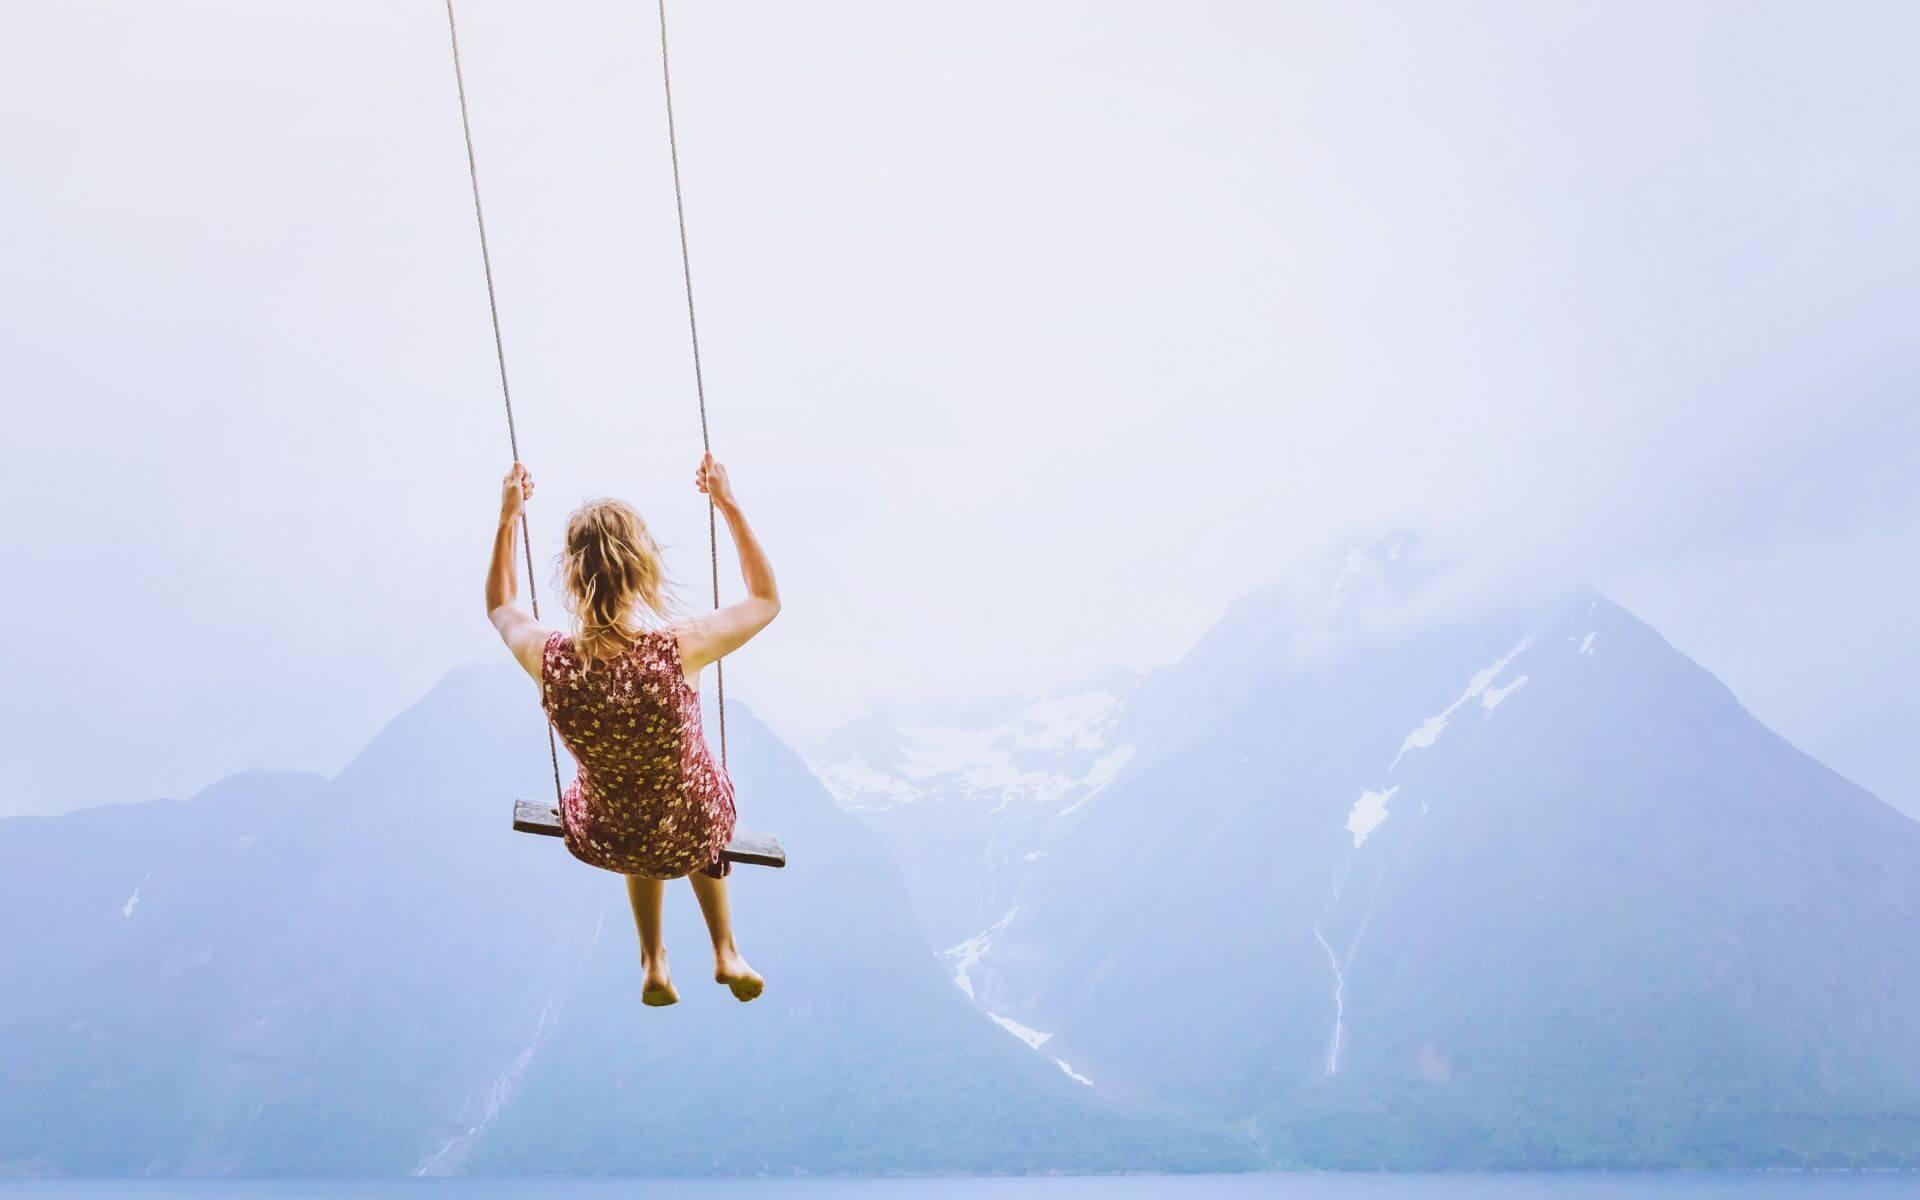 Innere Balance oder materieller Reichtum: Was macht glücklicher?